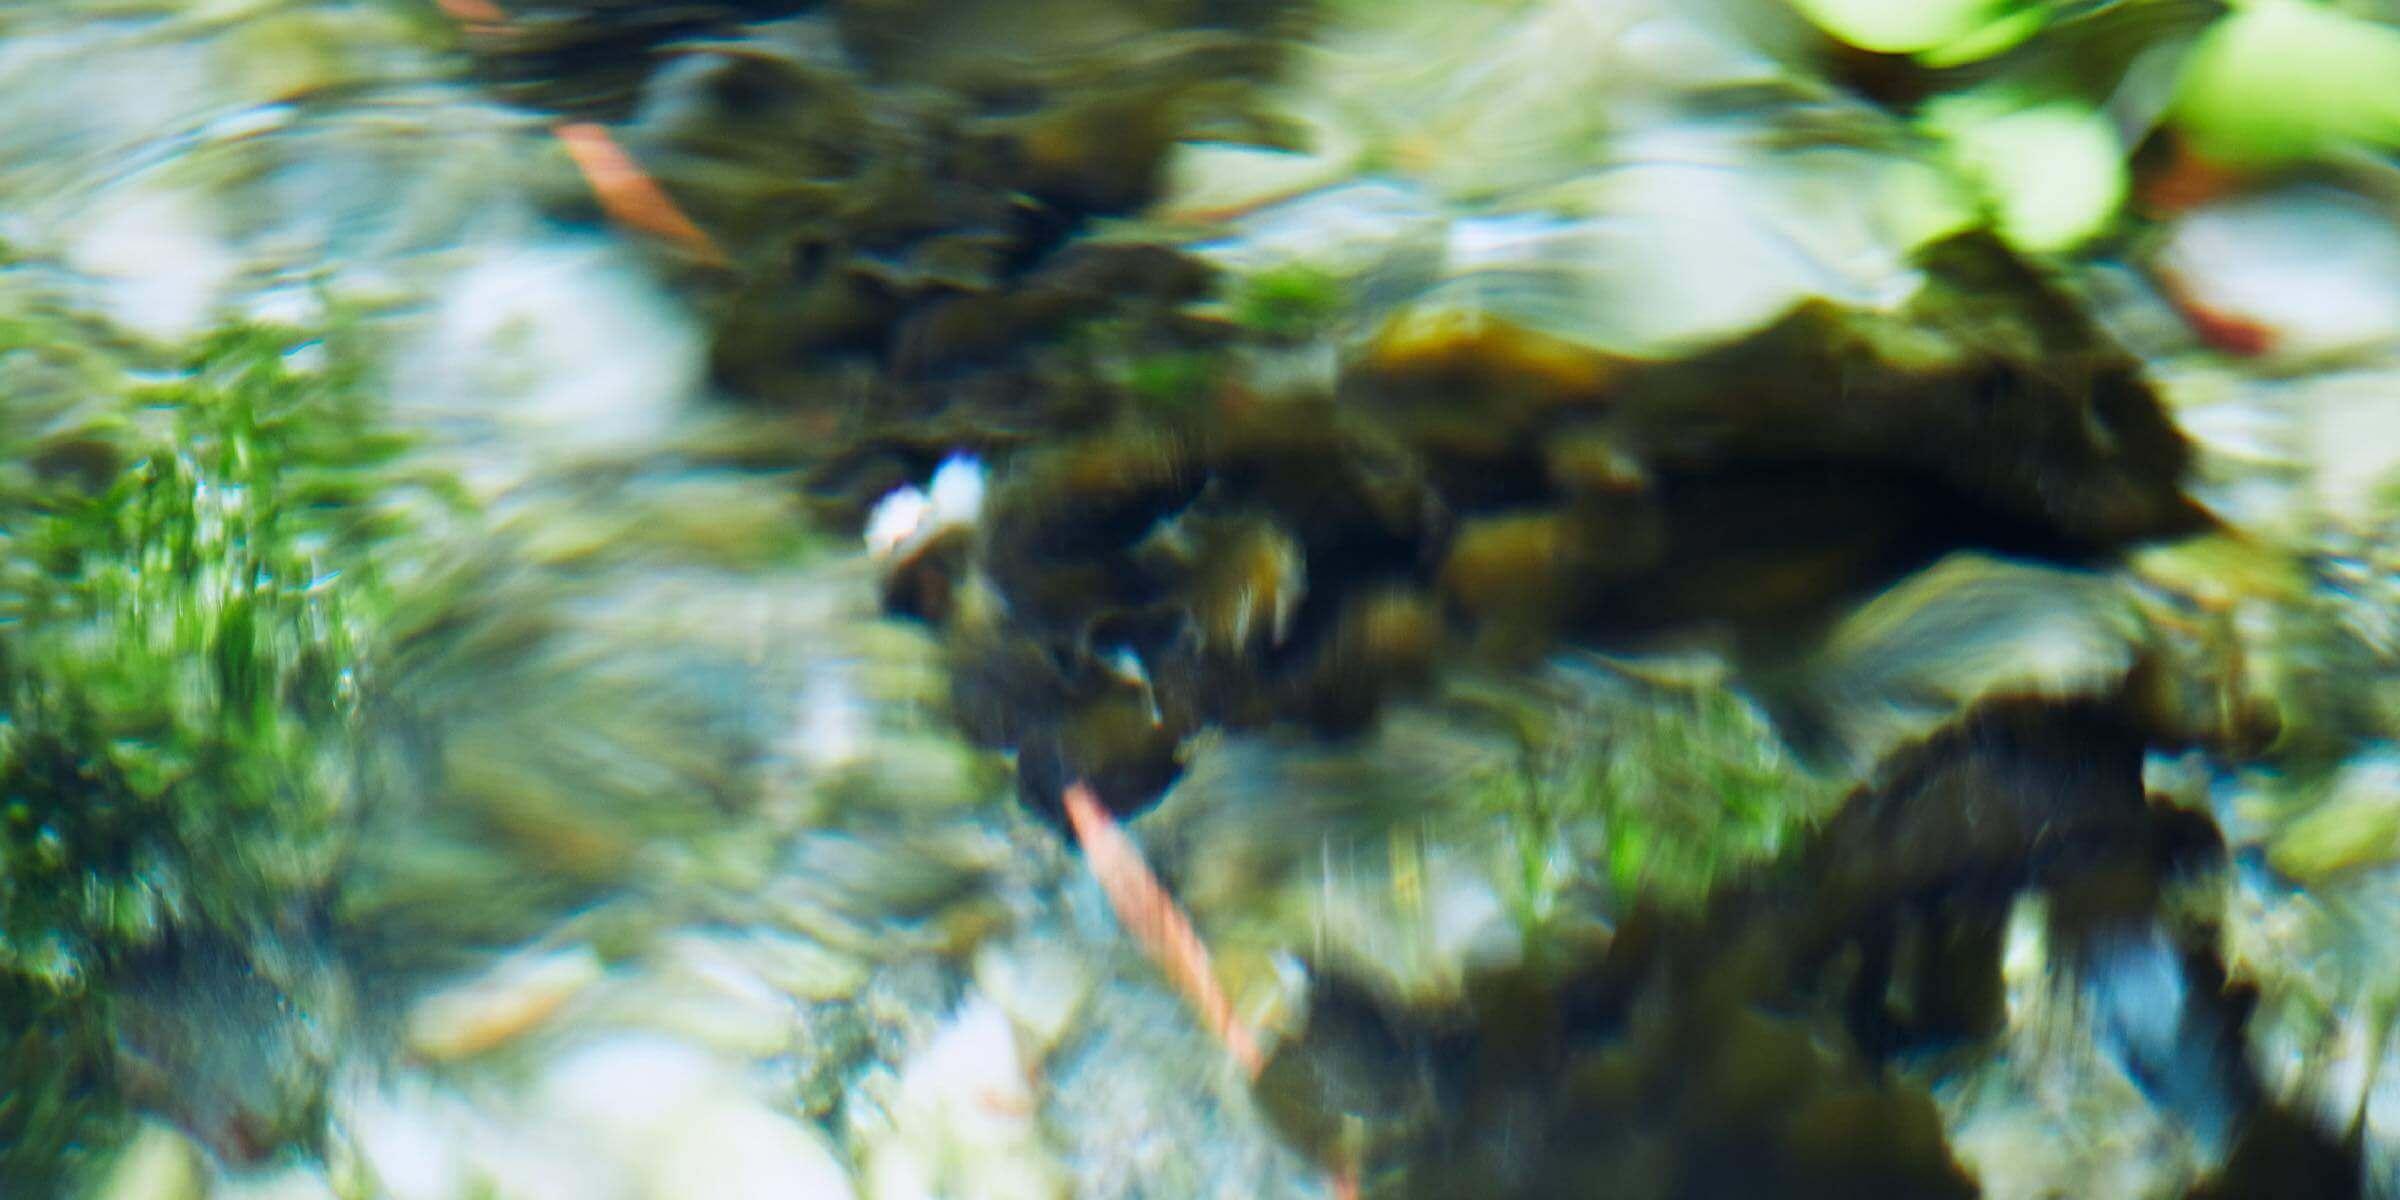 天然記念物スイゼンジノリの生育する福岡県朝倉市の黄金川